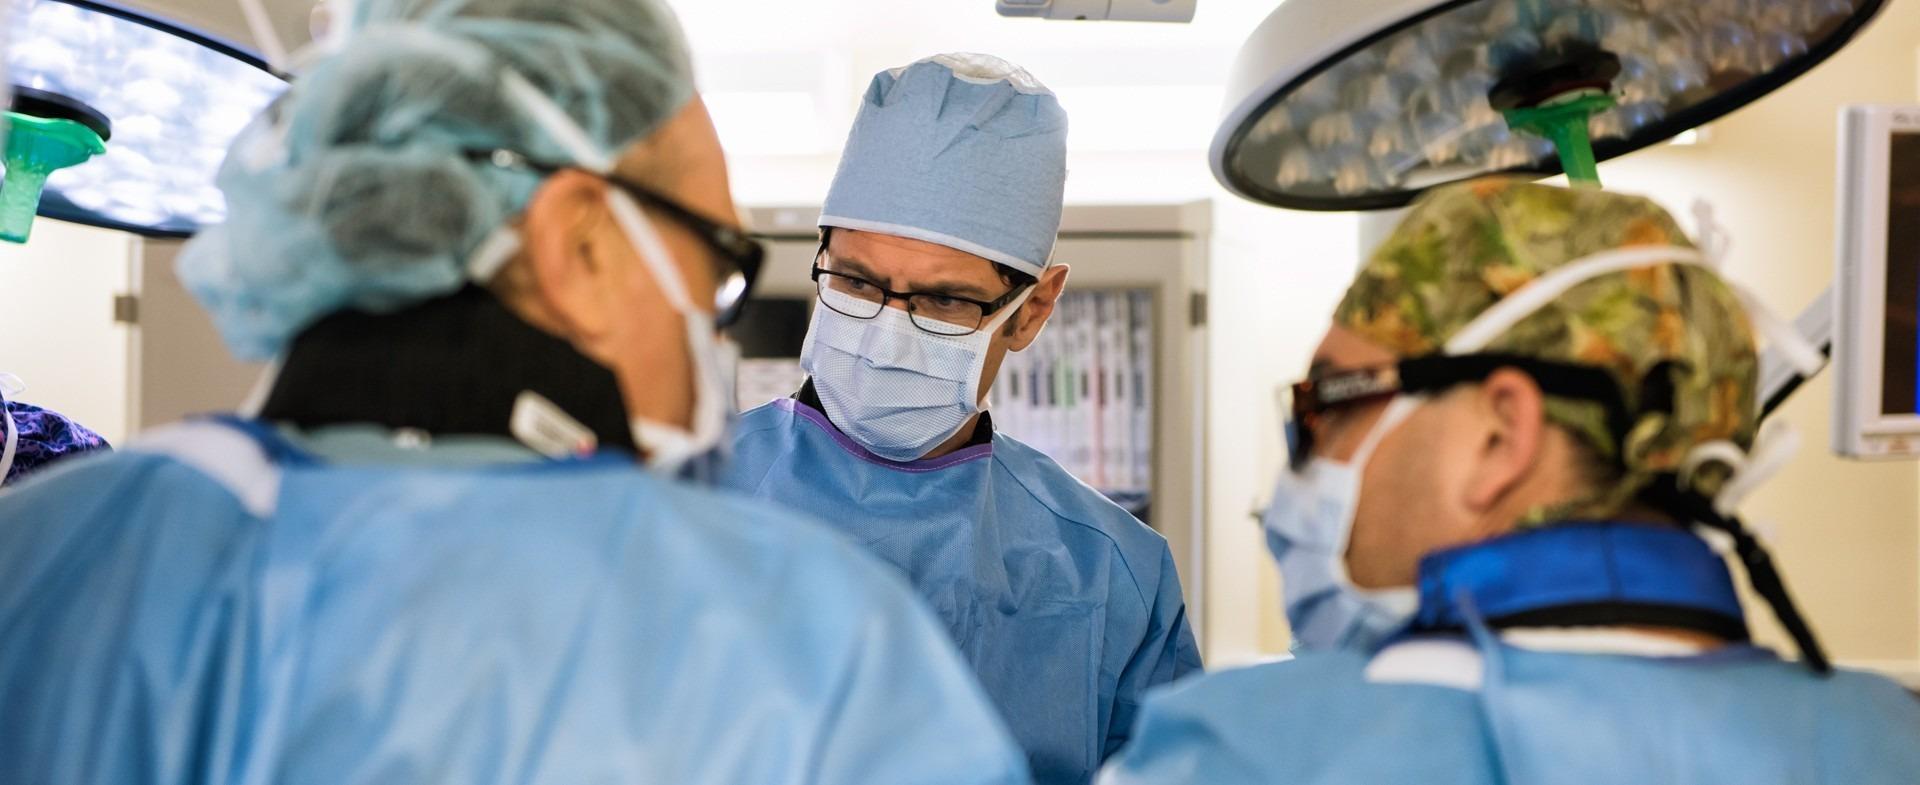 Surgeons discussing procedure